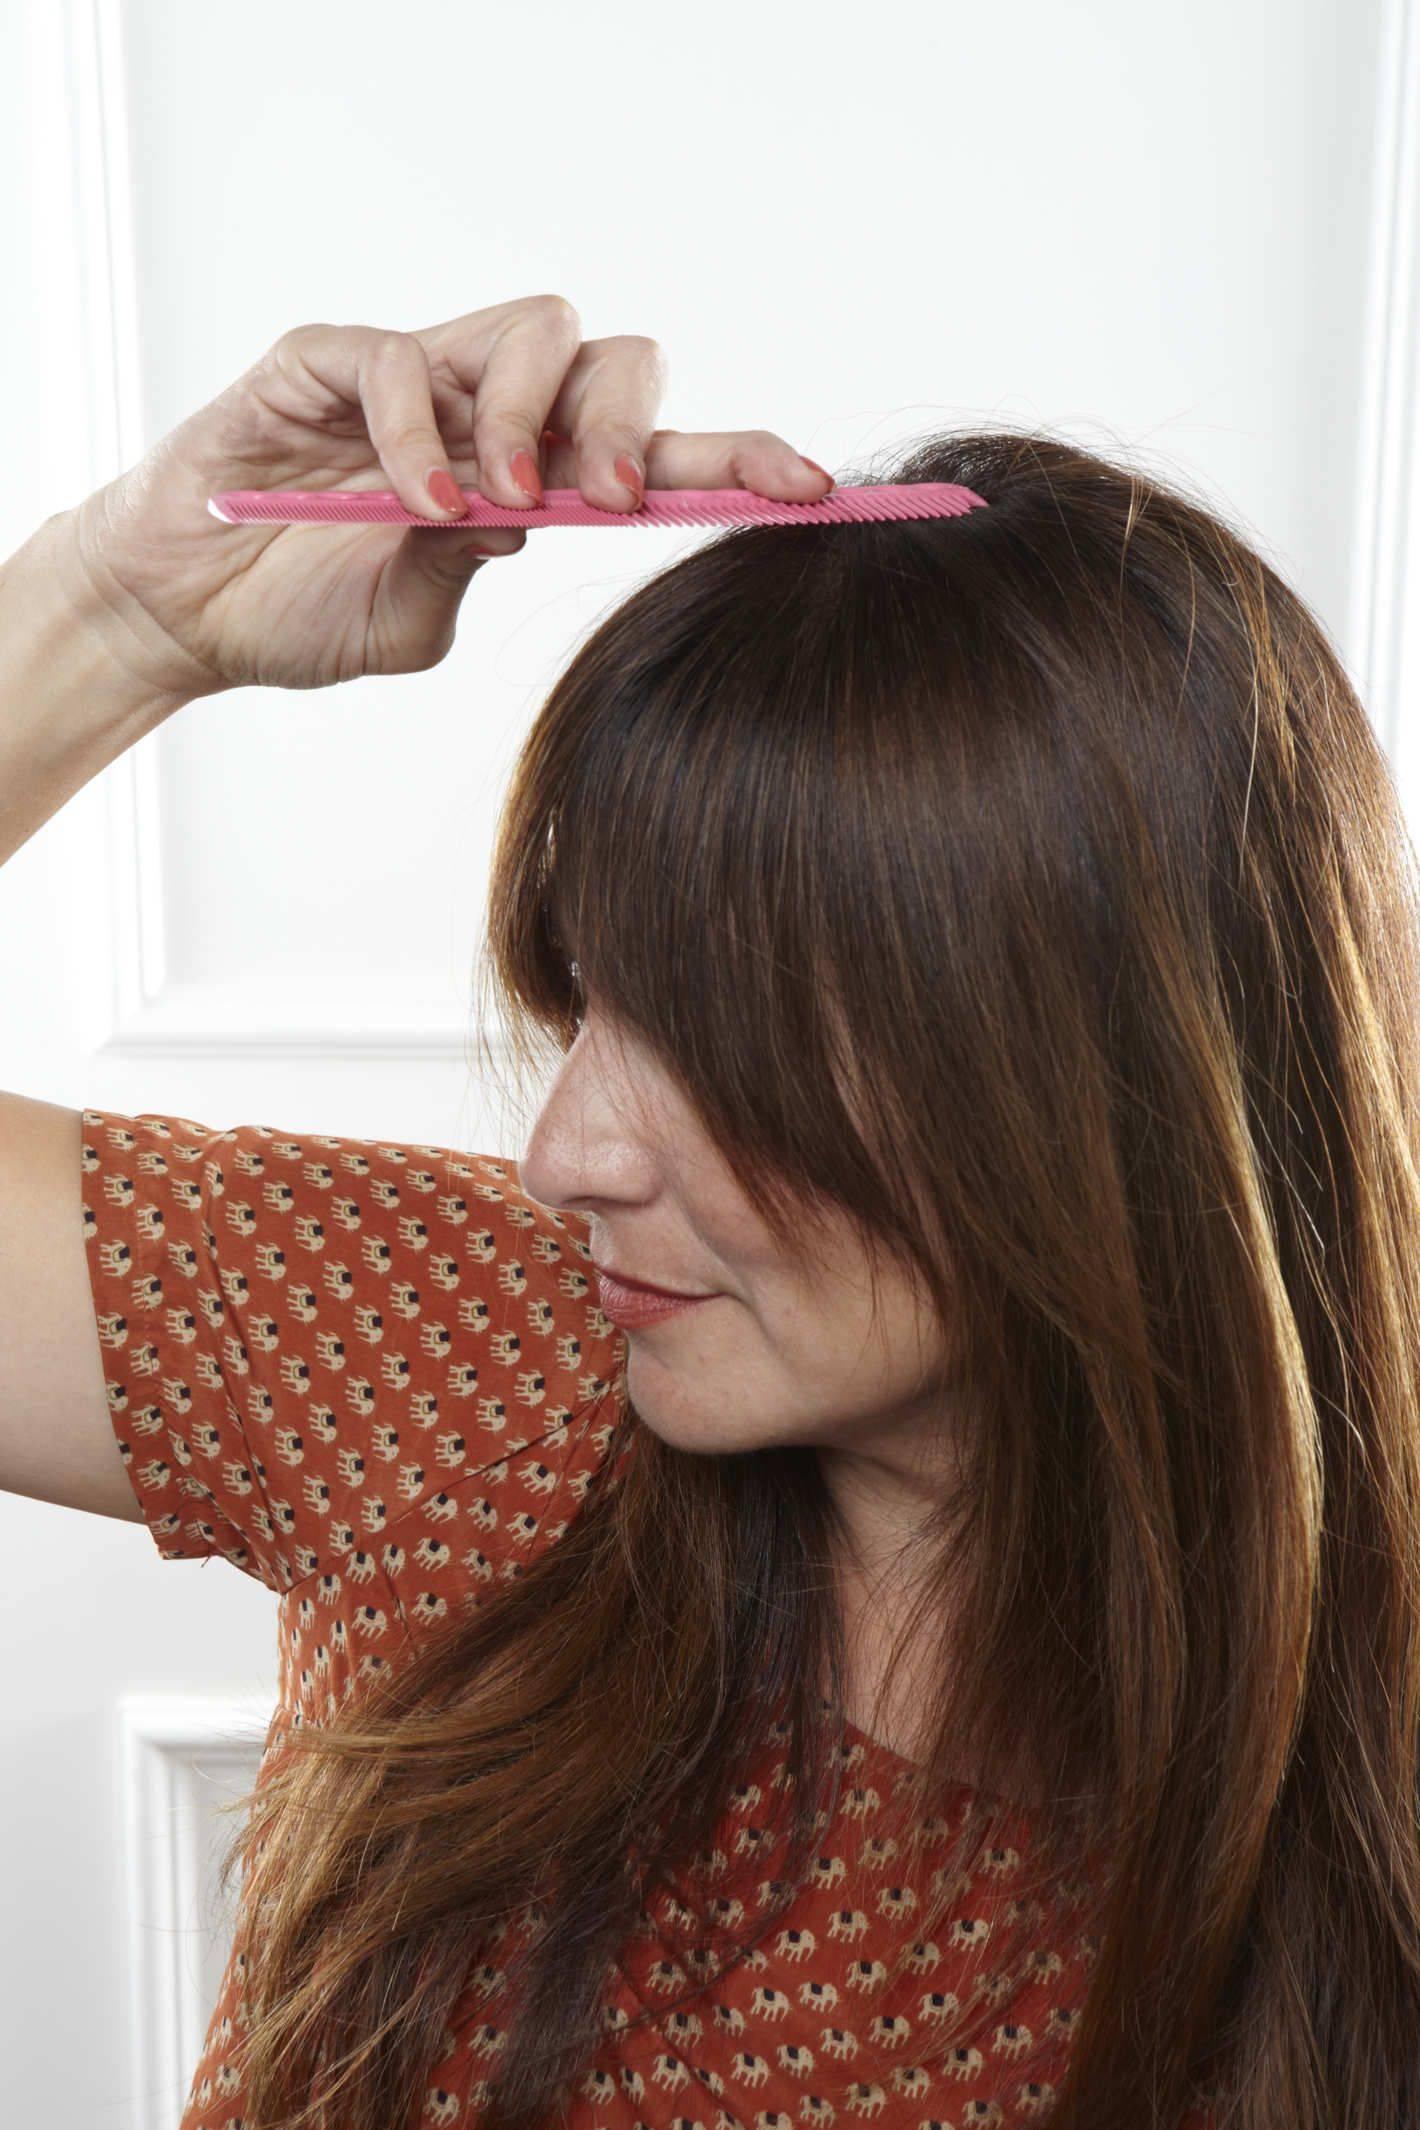 Стрижка лесенка на средние волосы: техника и особенности выполнения